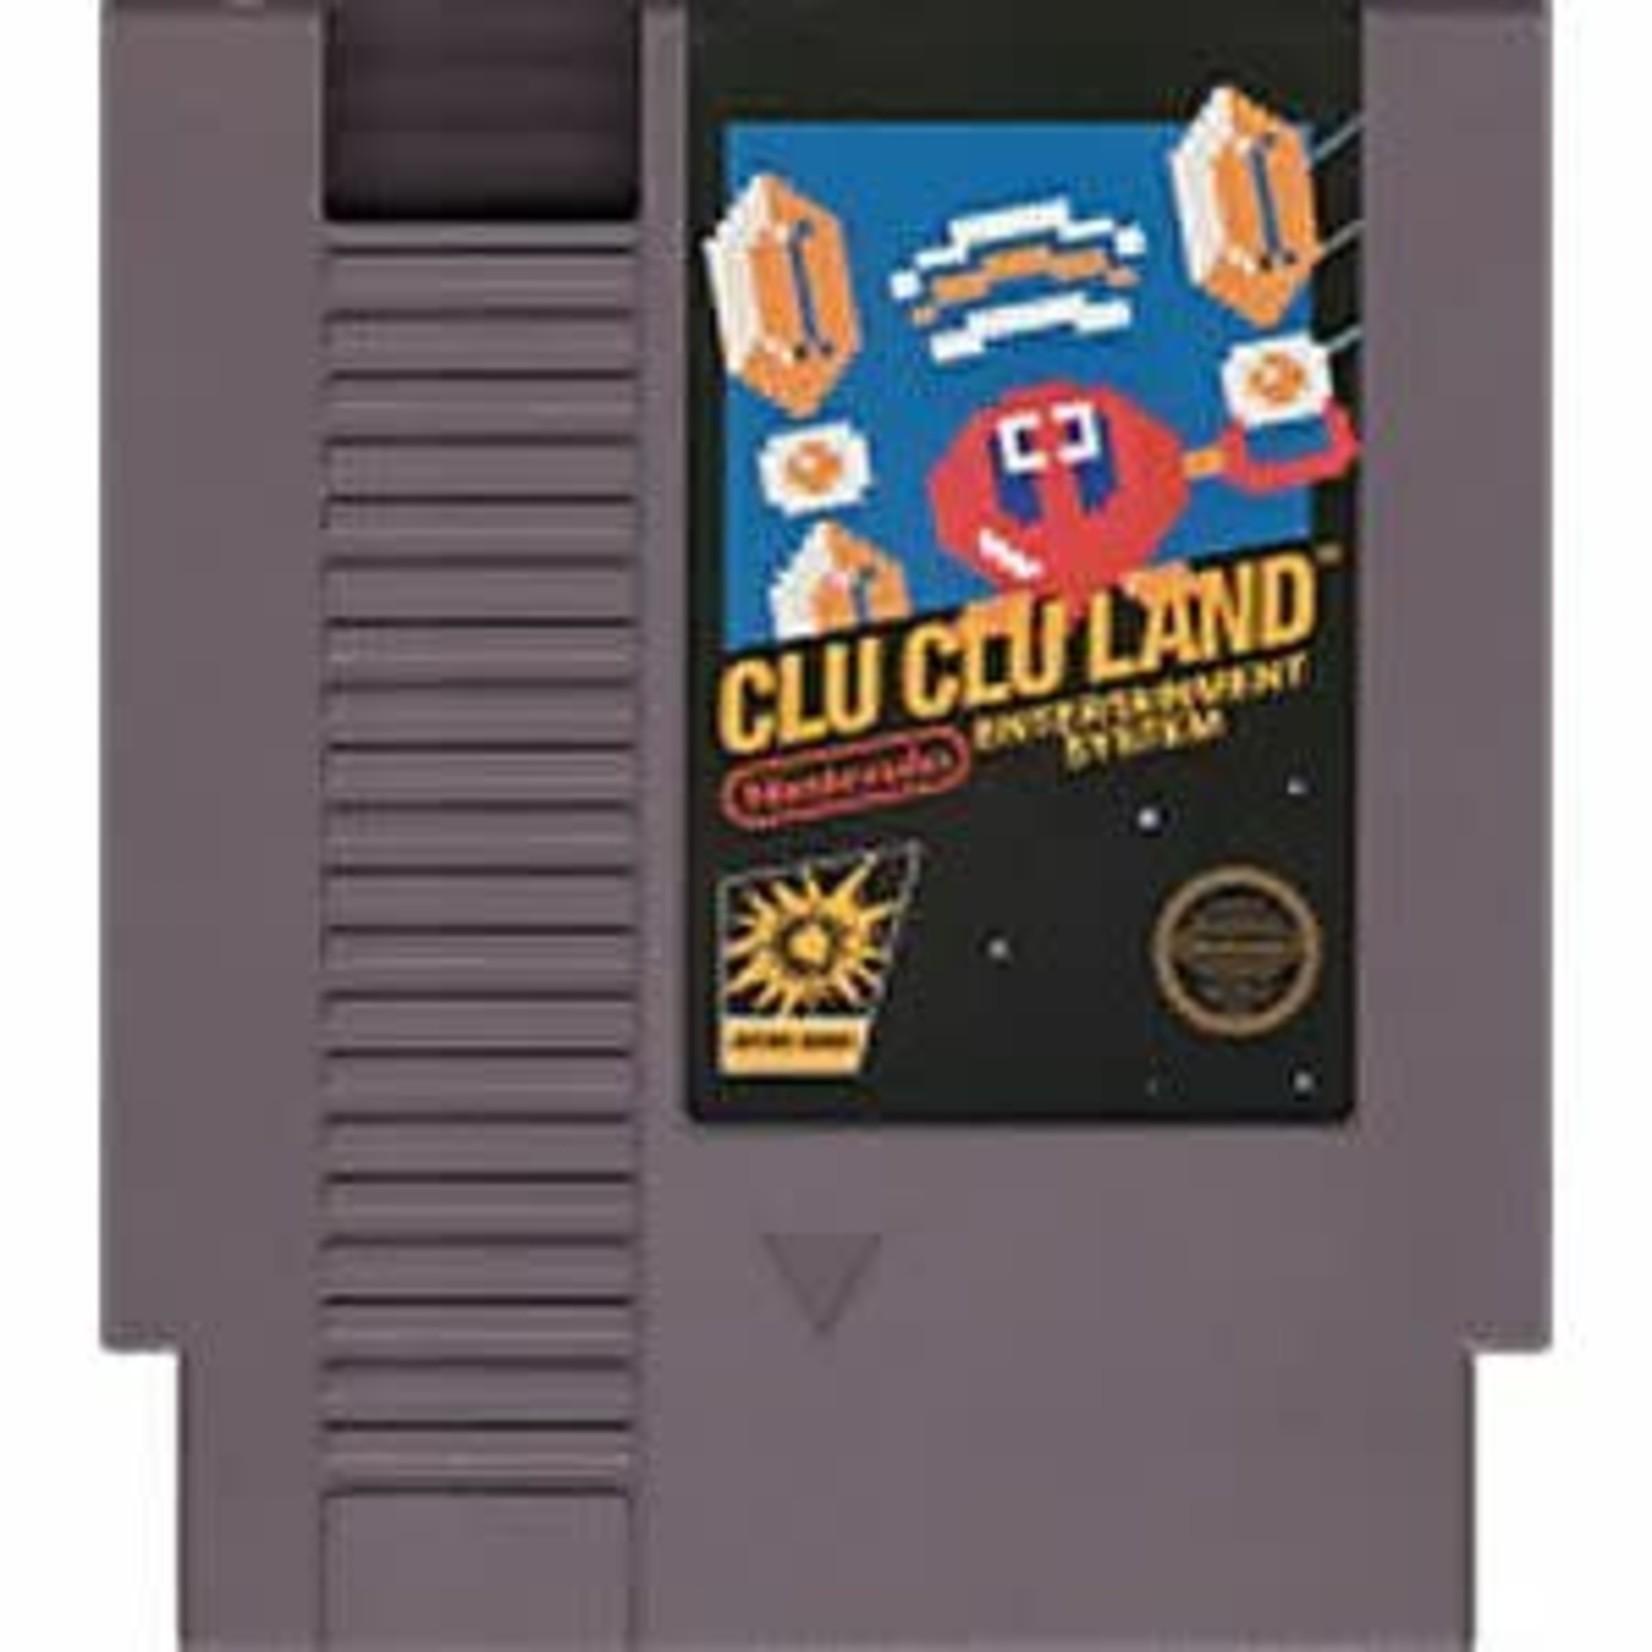 NESU-Clu Clu Land (cartridge)